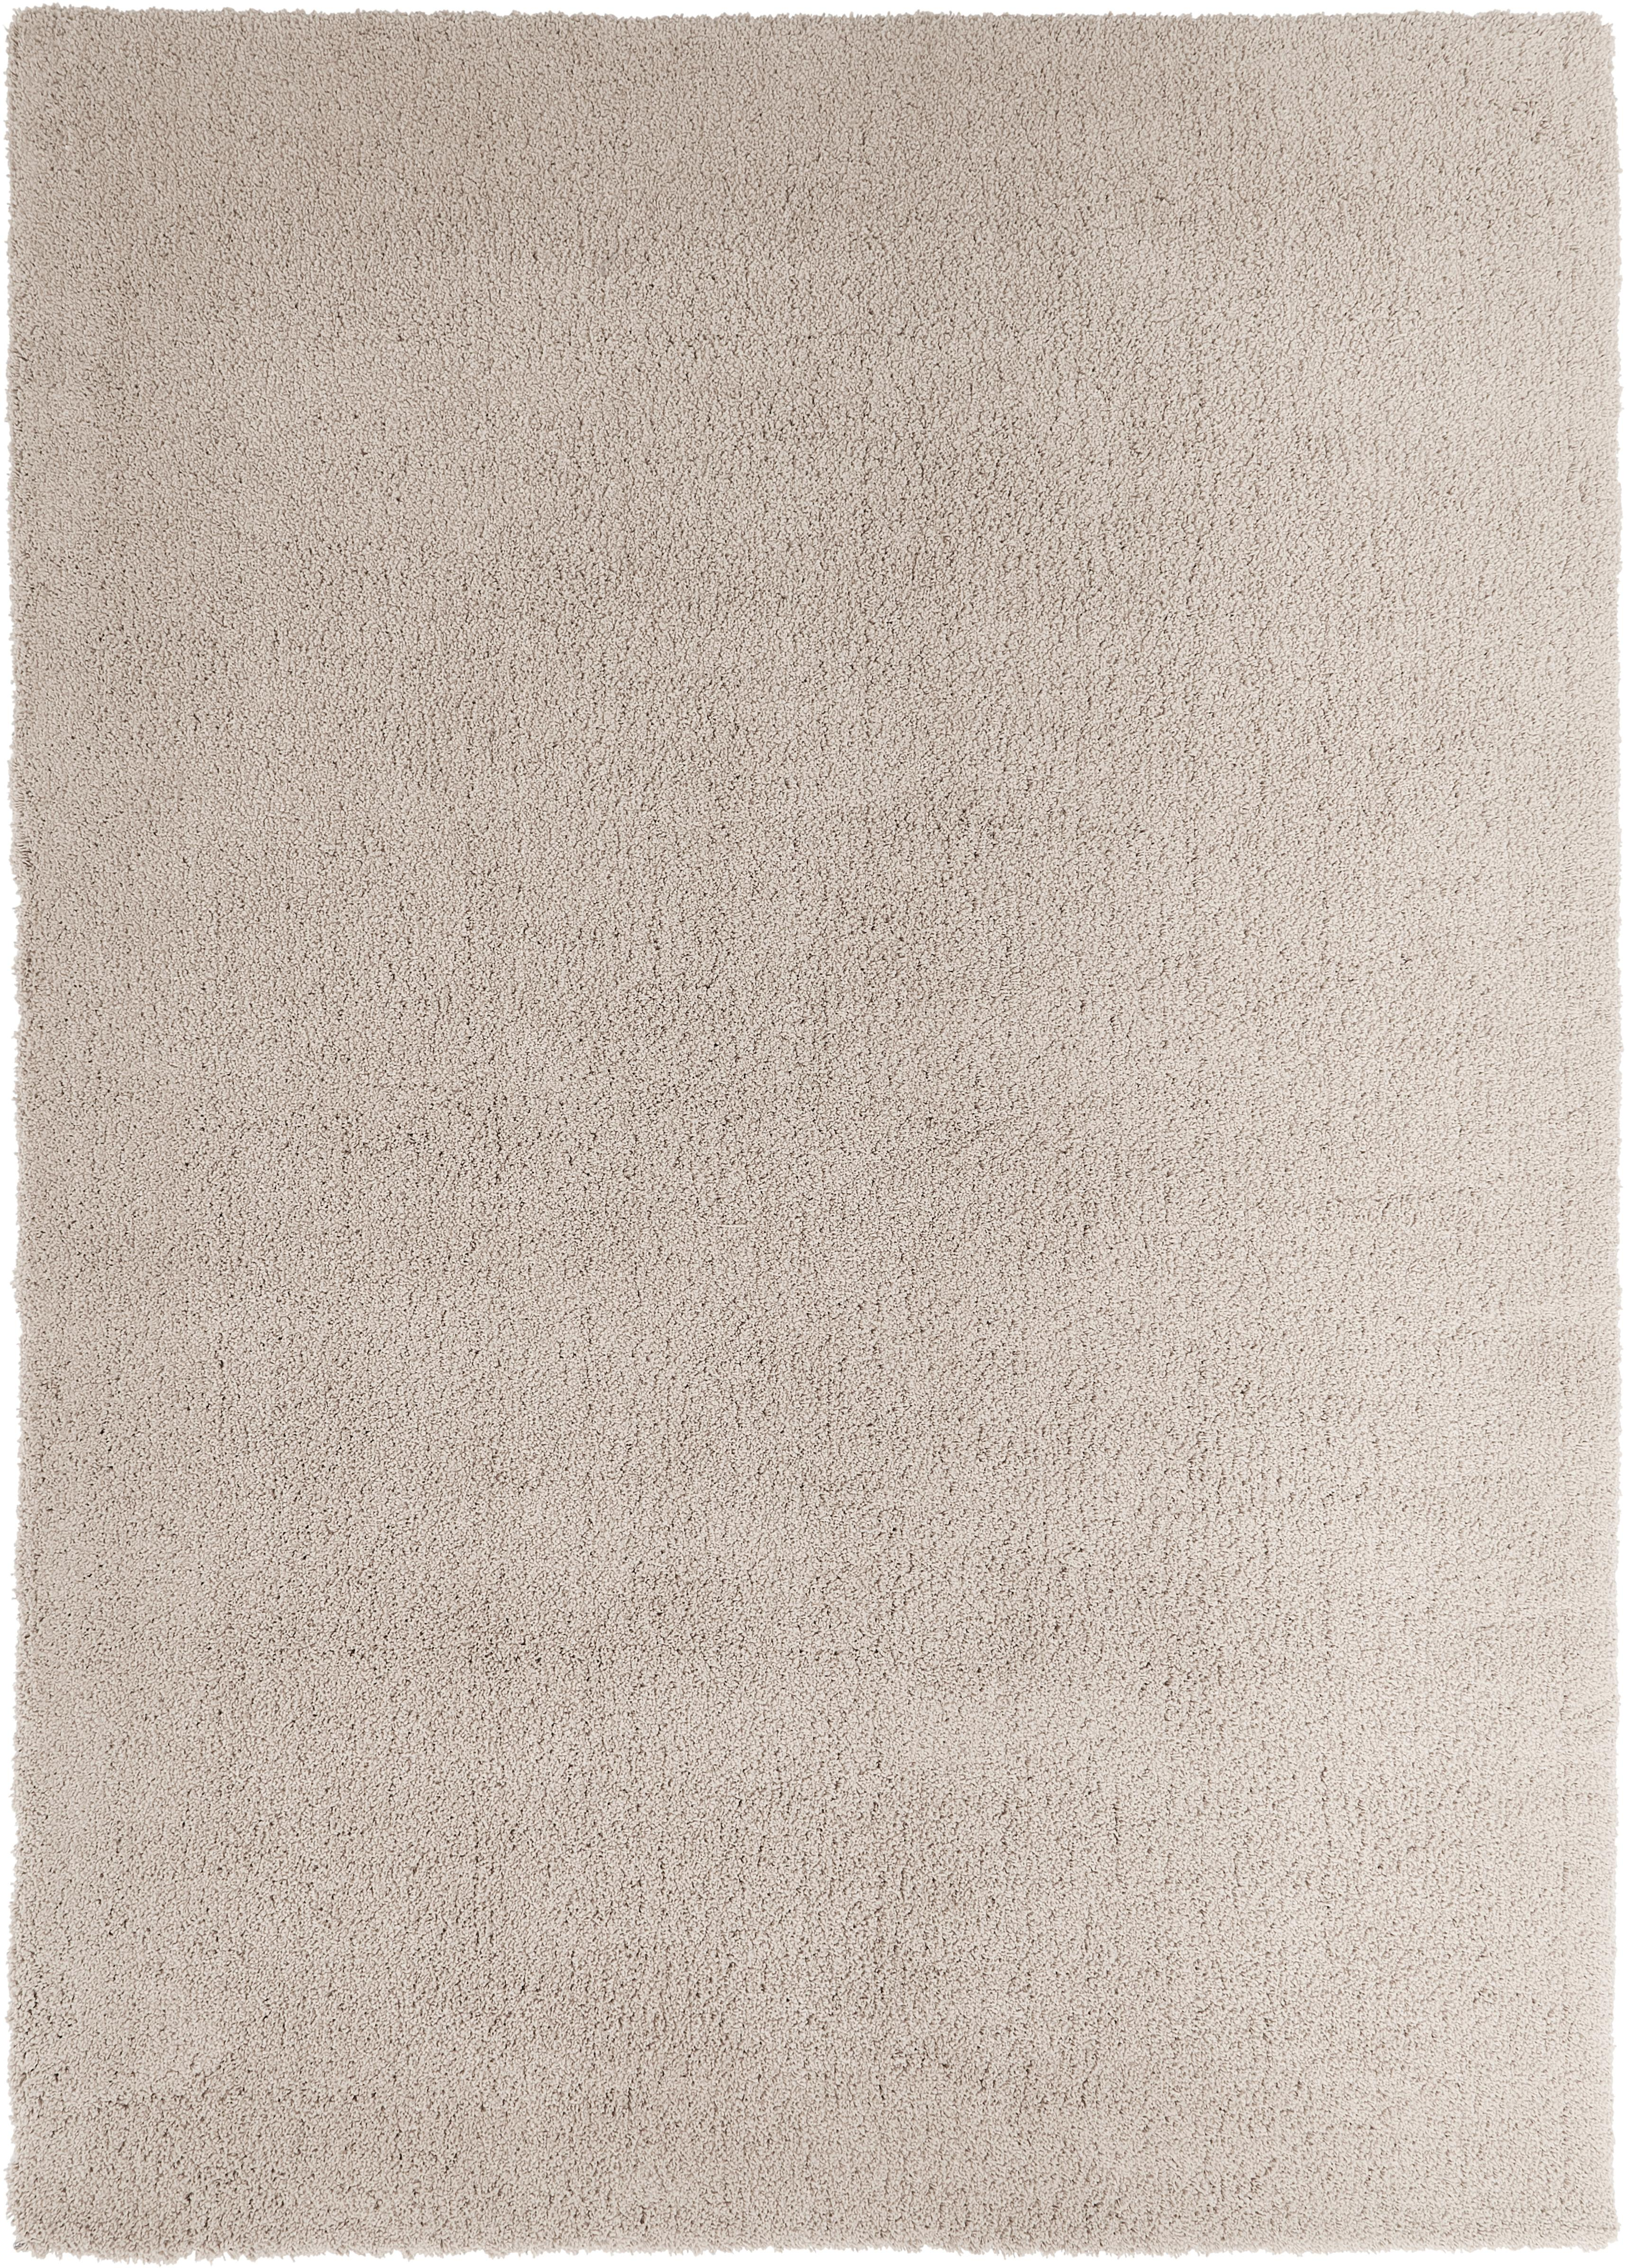 Tappeto peloso morbido beige Leighton, Retro: 70% poliestere, 30% coton, Beige-marrone, Larg.160 x Lung. 230 cm  (taglia M)